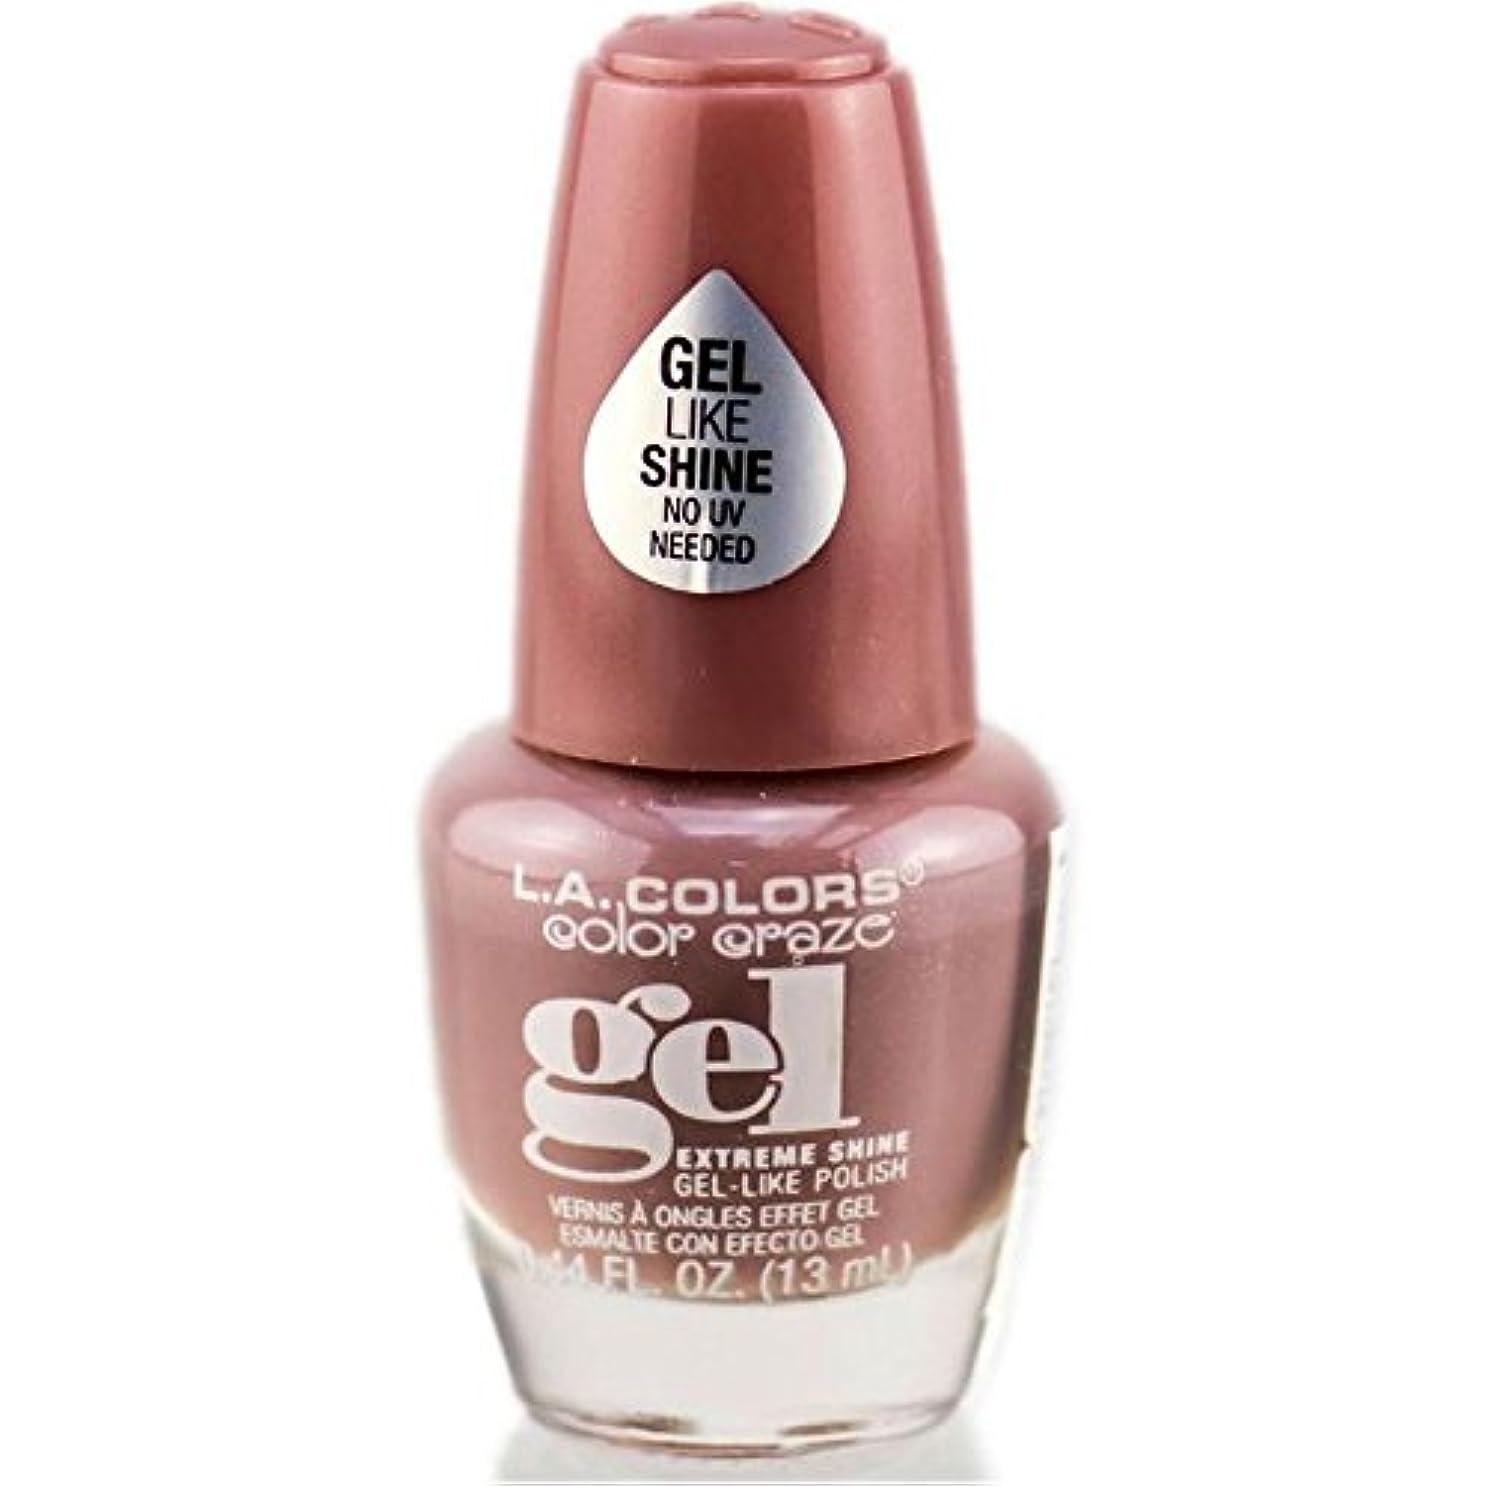 に応じてカプセル被るLA Colors 美容化粧品21 Cnp769美容化粧品21